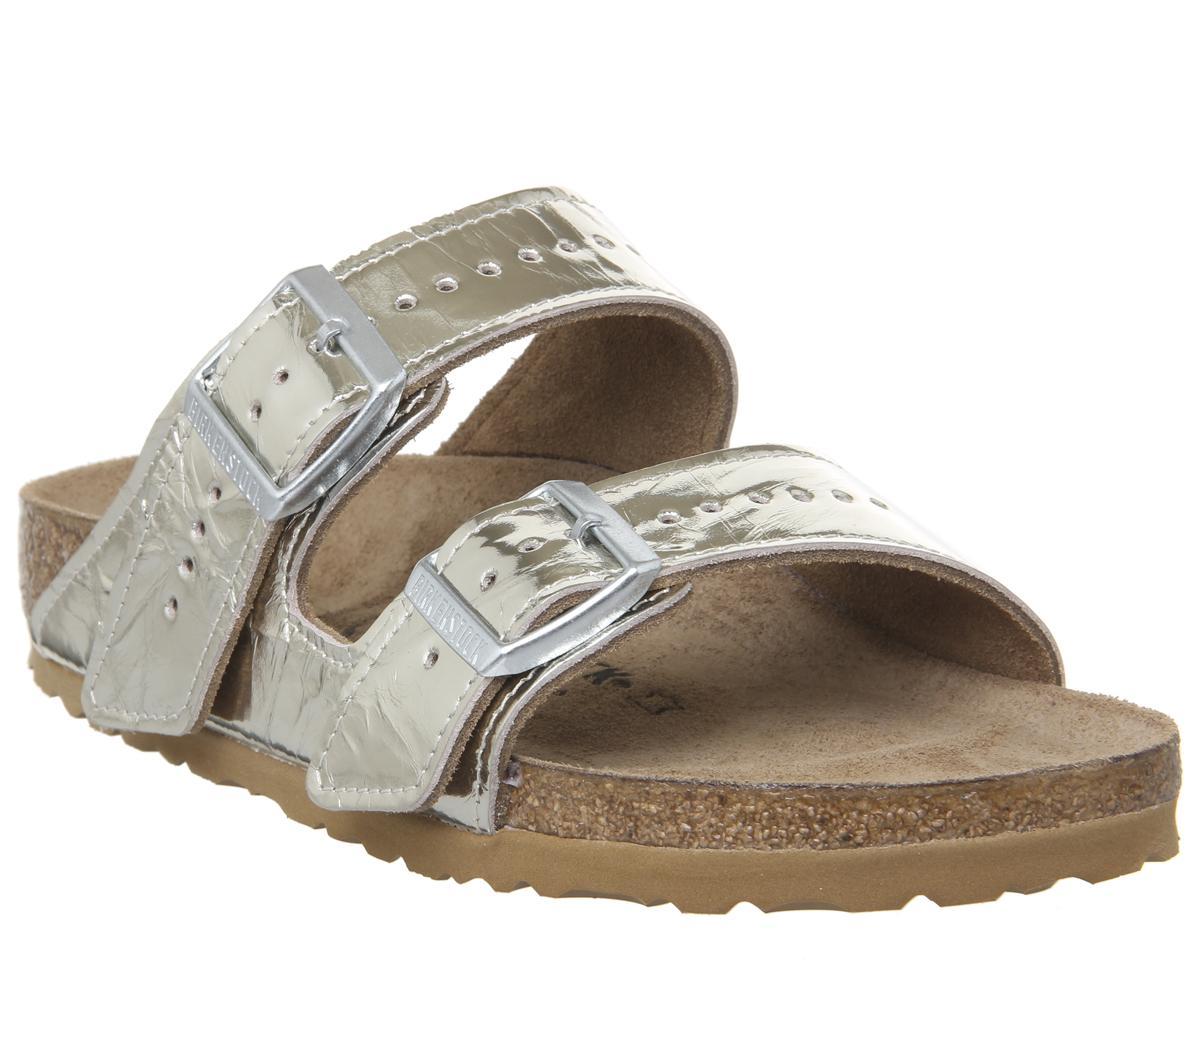 60f8b426fb3a Lyst - Rick Owens Rick Owen Arizona Two Strap Sandals in Metallic